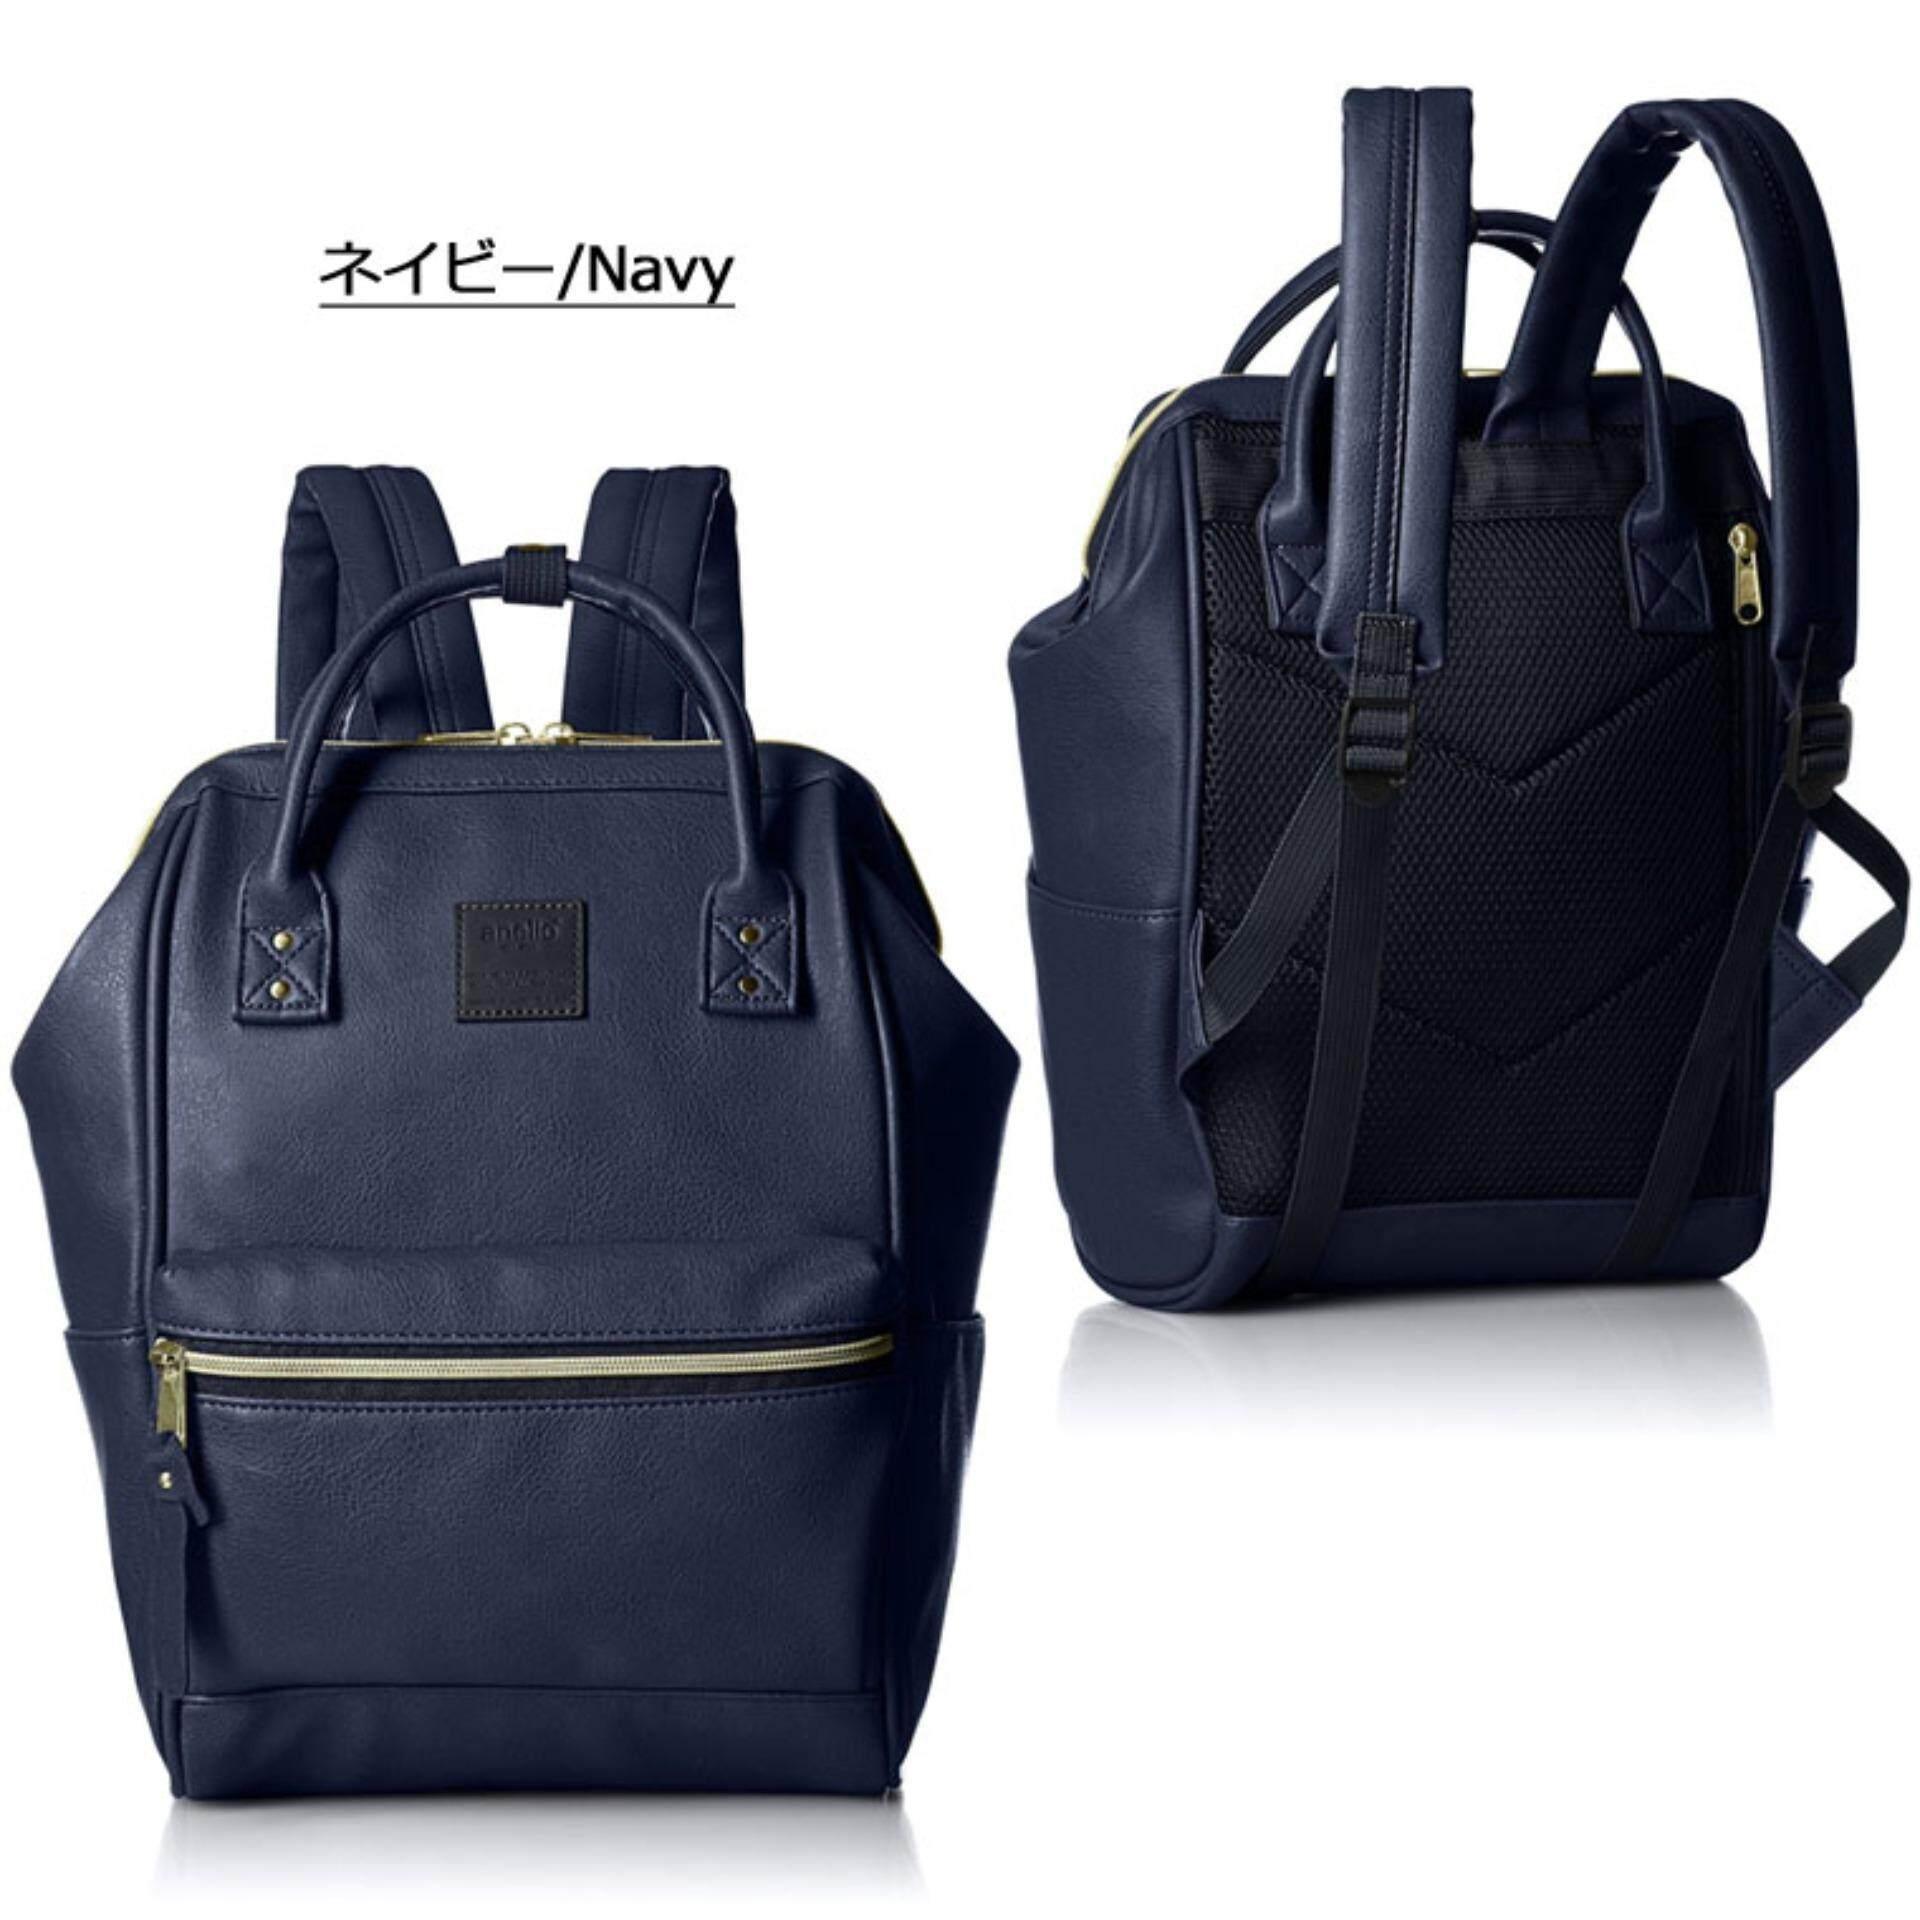 การใช้งาน  ปราจีนบุรี กระเป๋า Anello PU Backpack (Classic Size) Navy - Japan Imported 100%